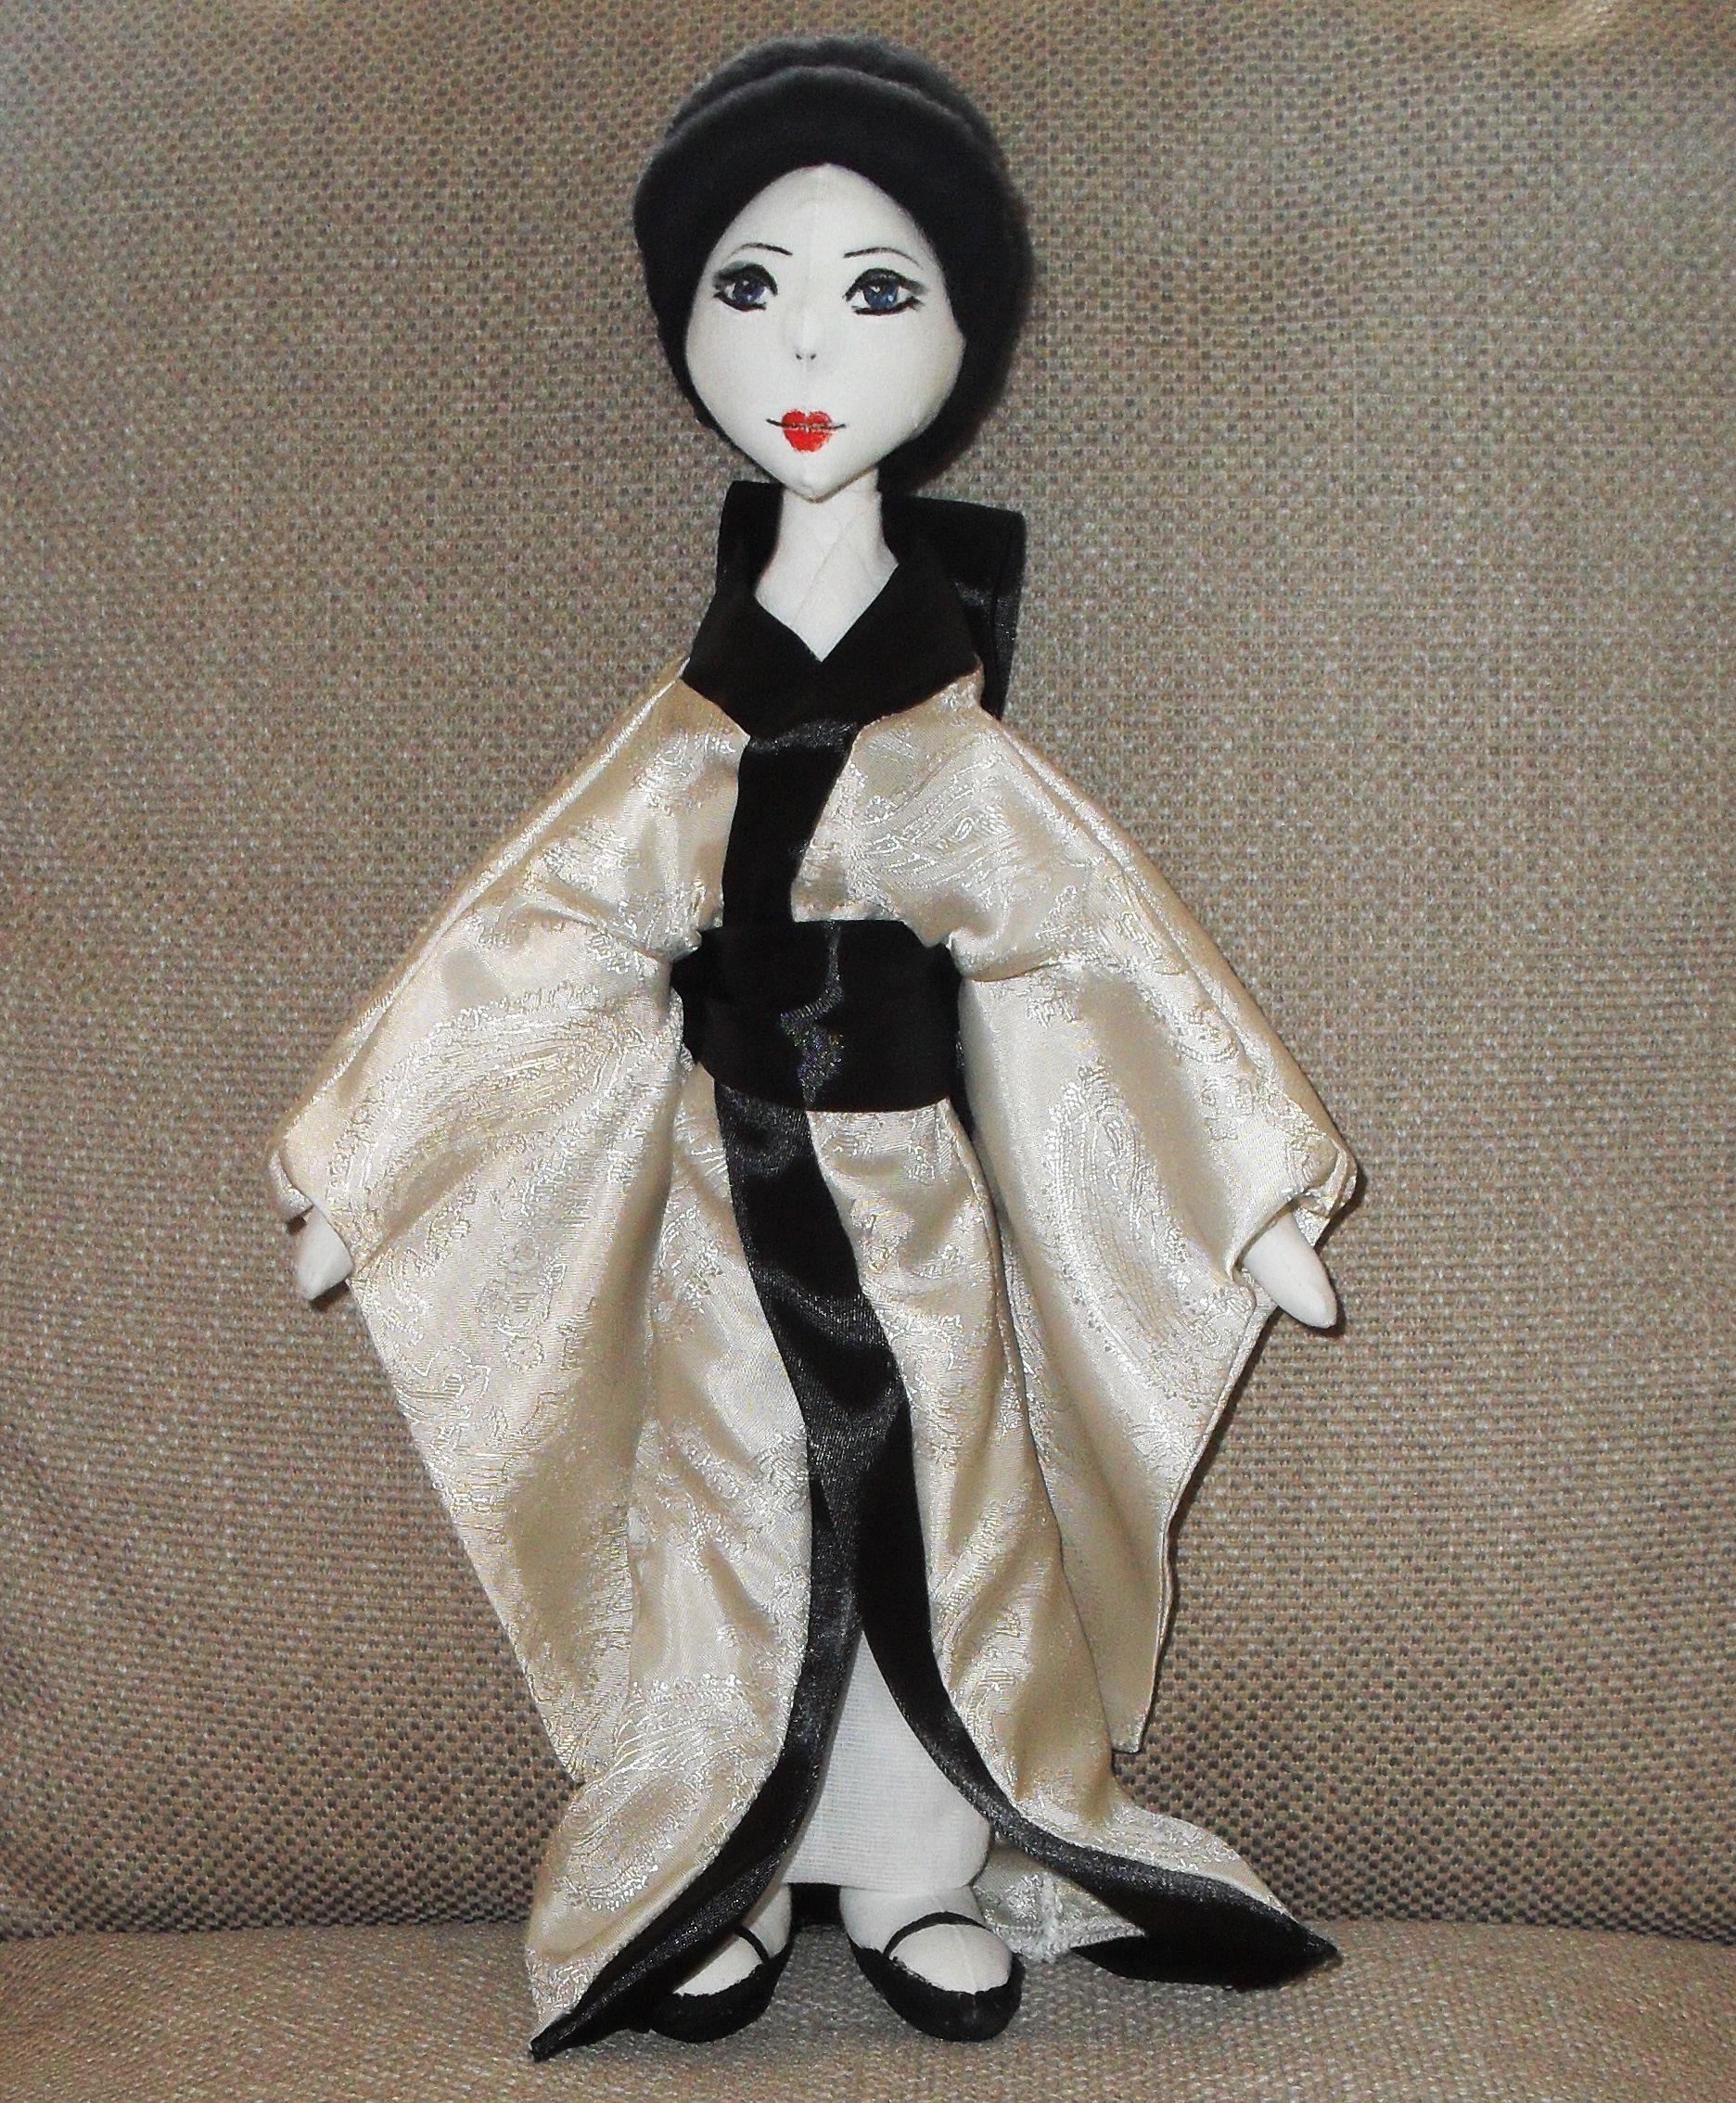 япония японский японочка кукла интерьерная текстильная атлас стиль